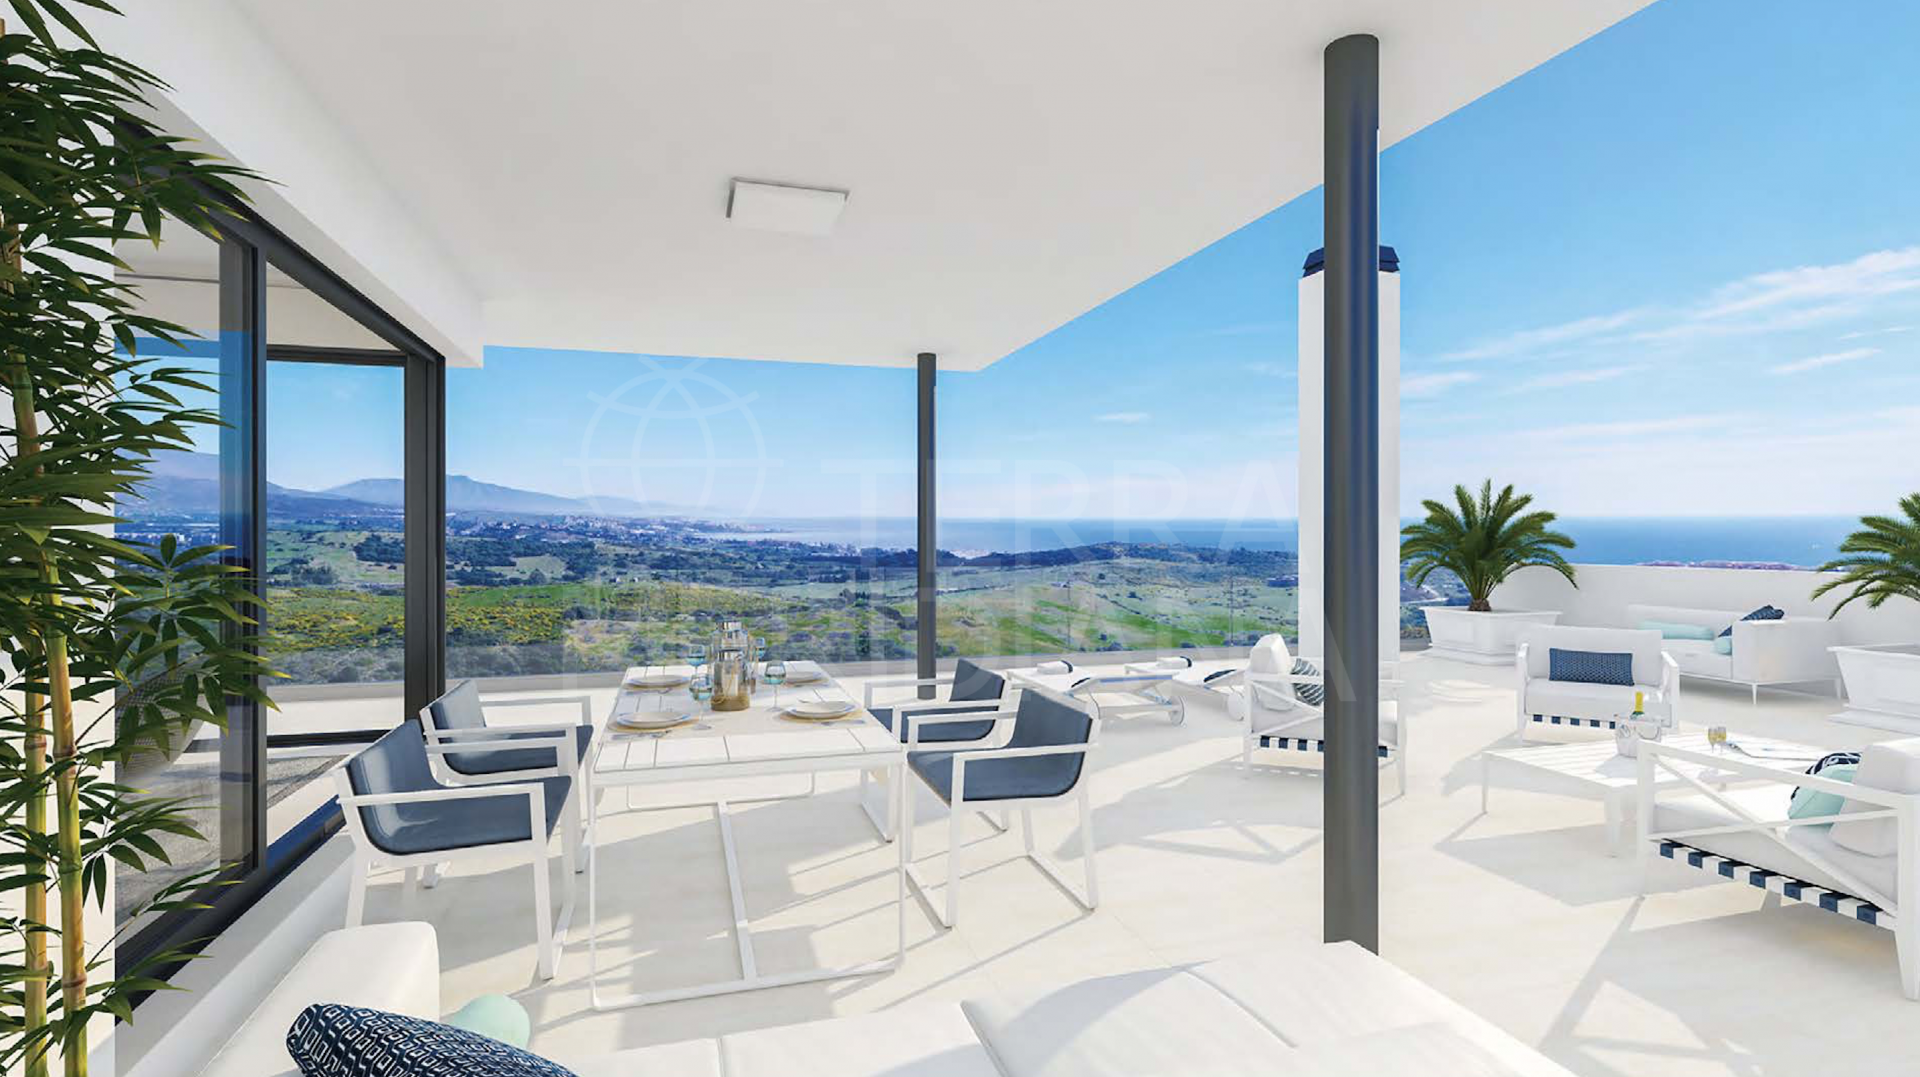 Gorgeous Off Plan Ground Floor Apartment With Private Garden For Sale In Las Terrazas De Cortesín Bon Air Casares